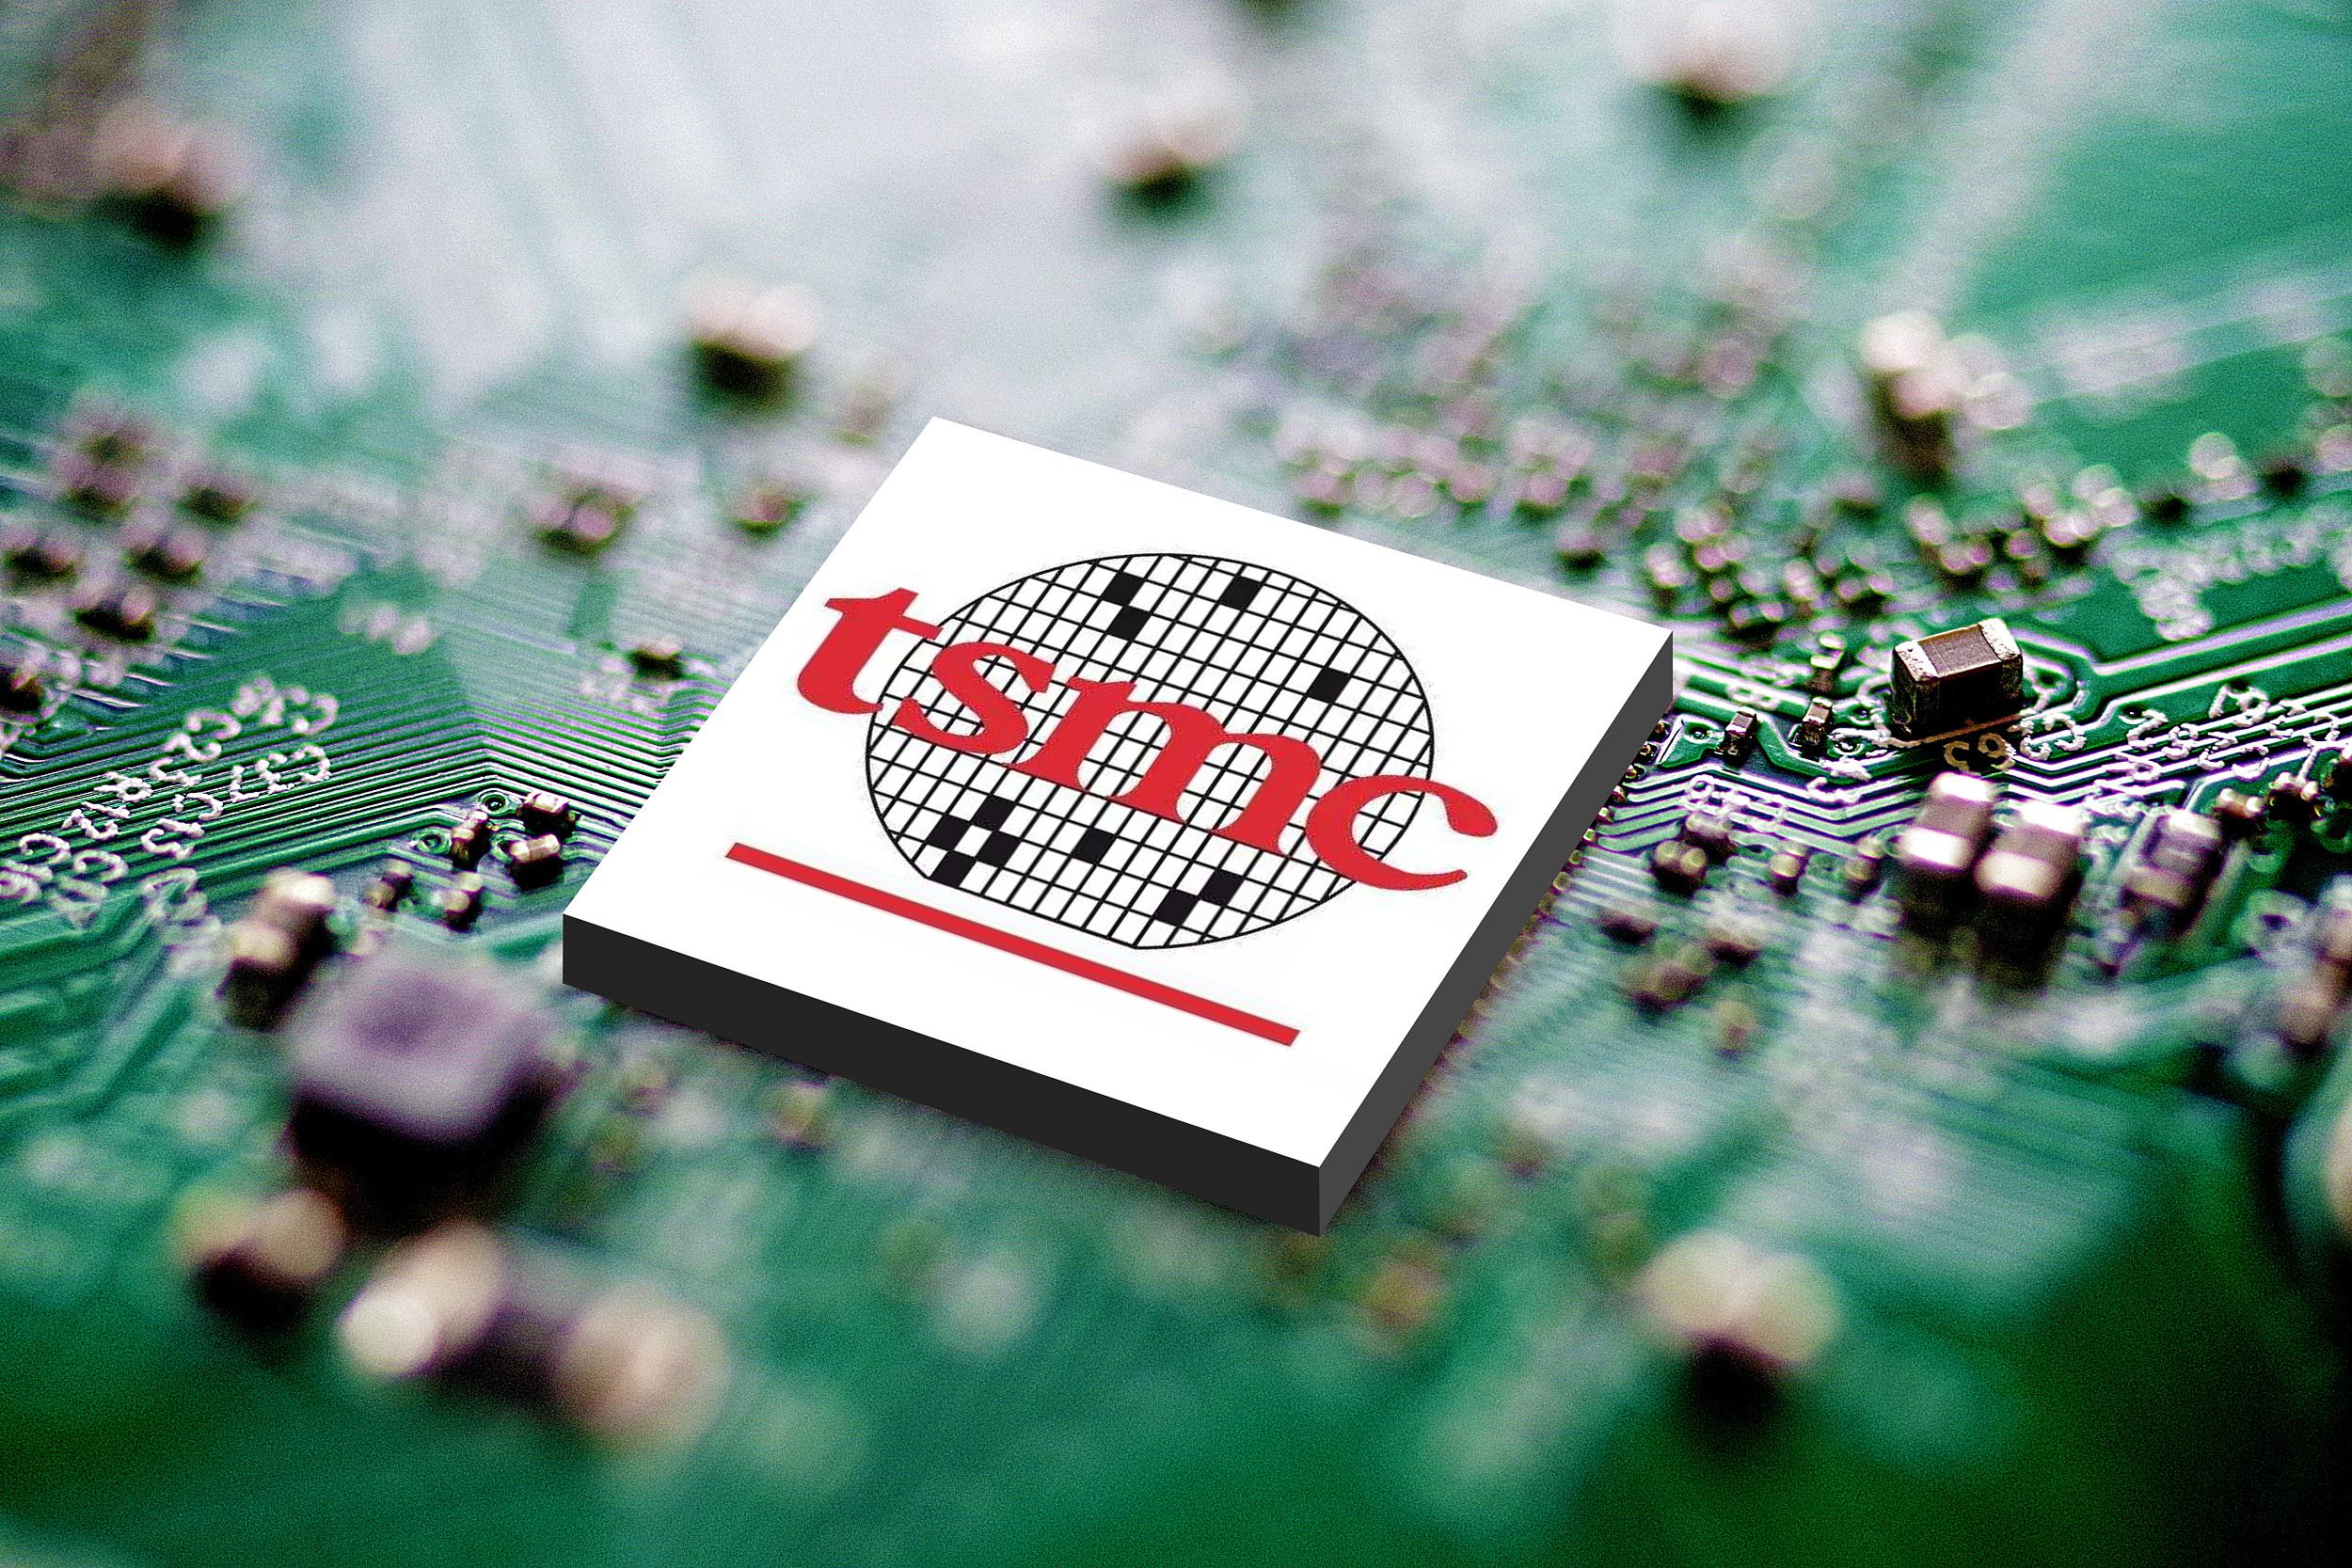 台积电涨价意味着什么?芯片和电子产品明年继续涨